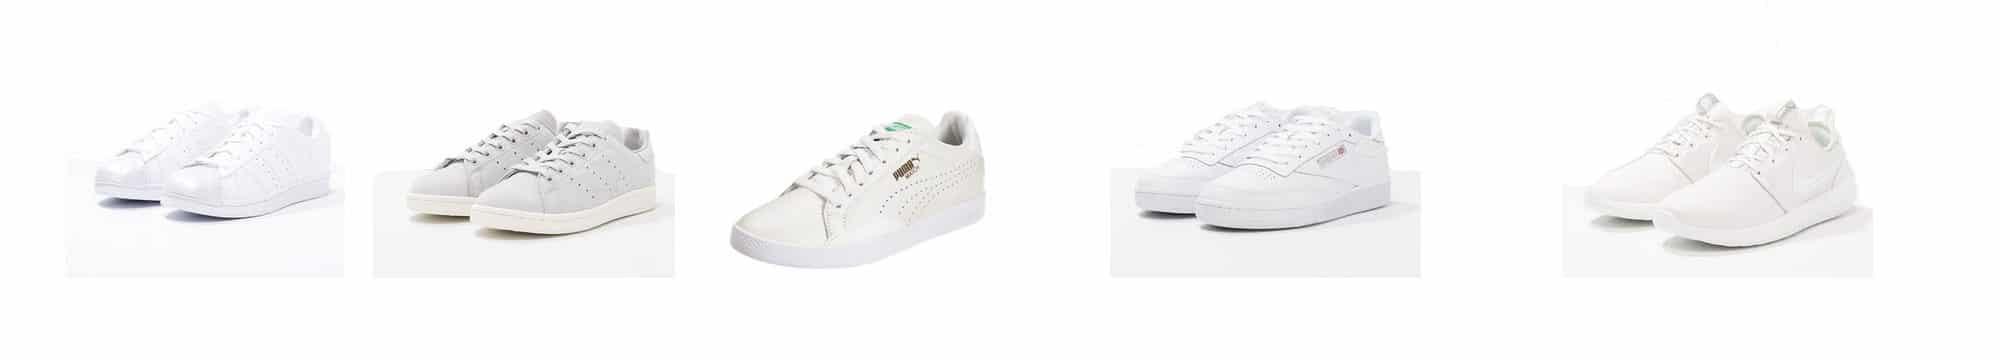 sommertrend-white-sneaker-comfort-zone-blog-hamburg